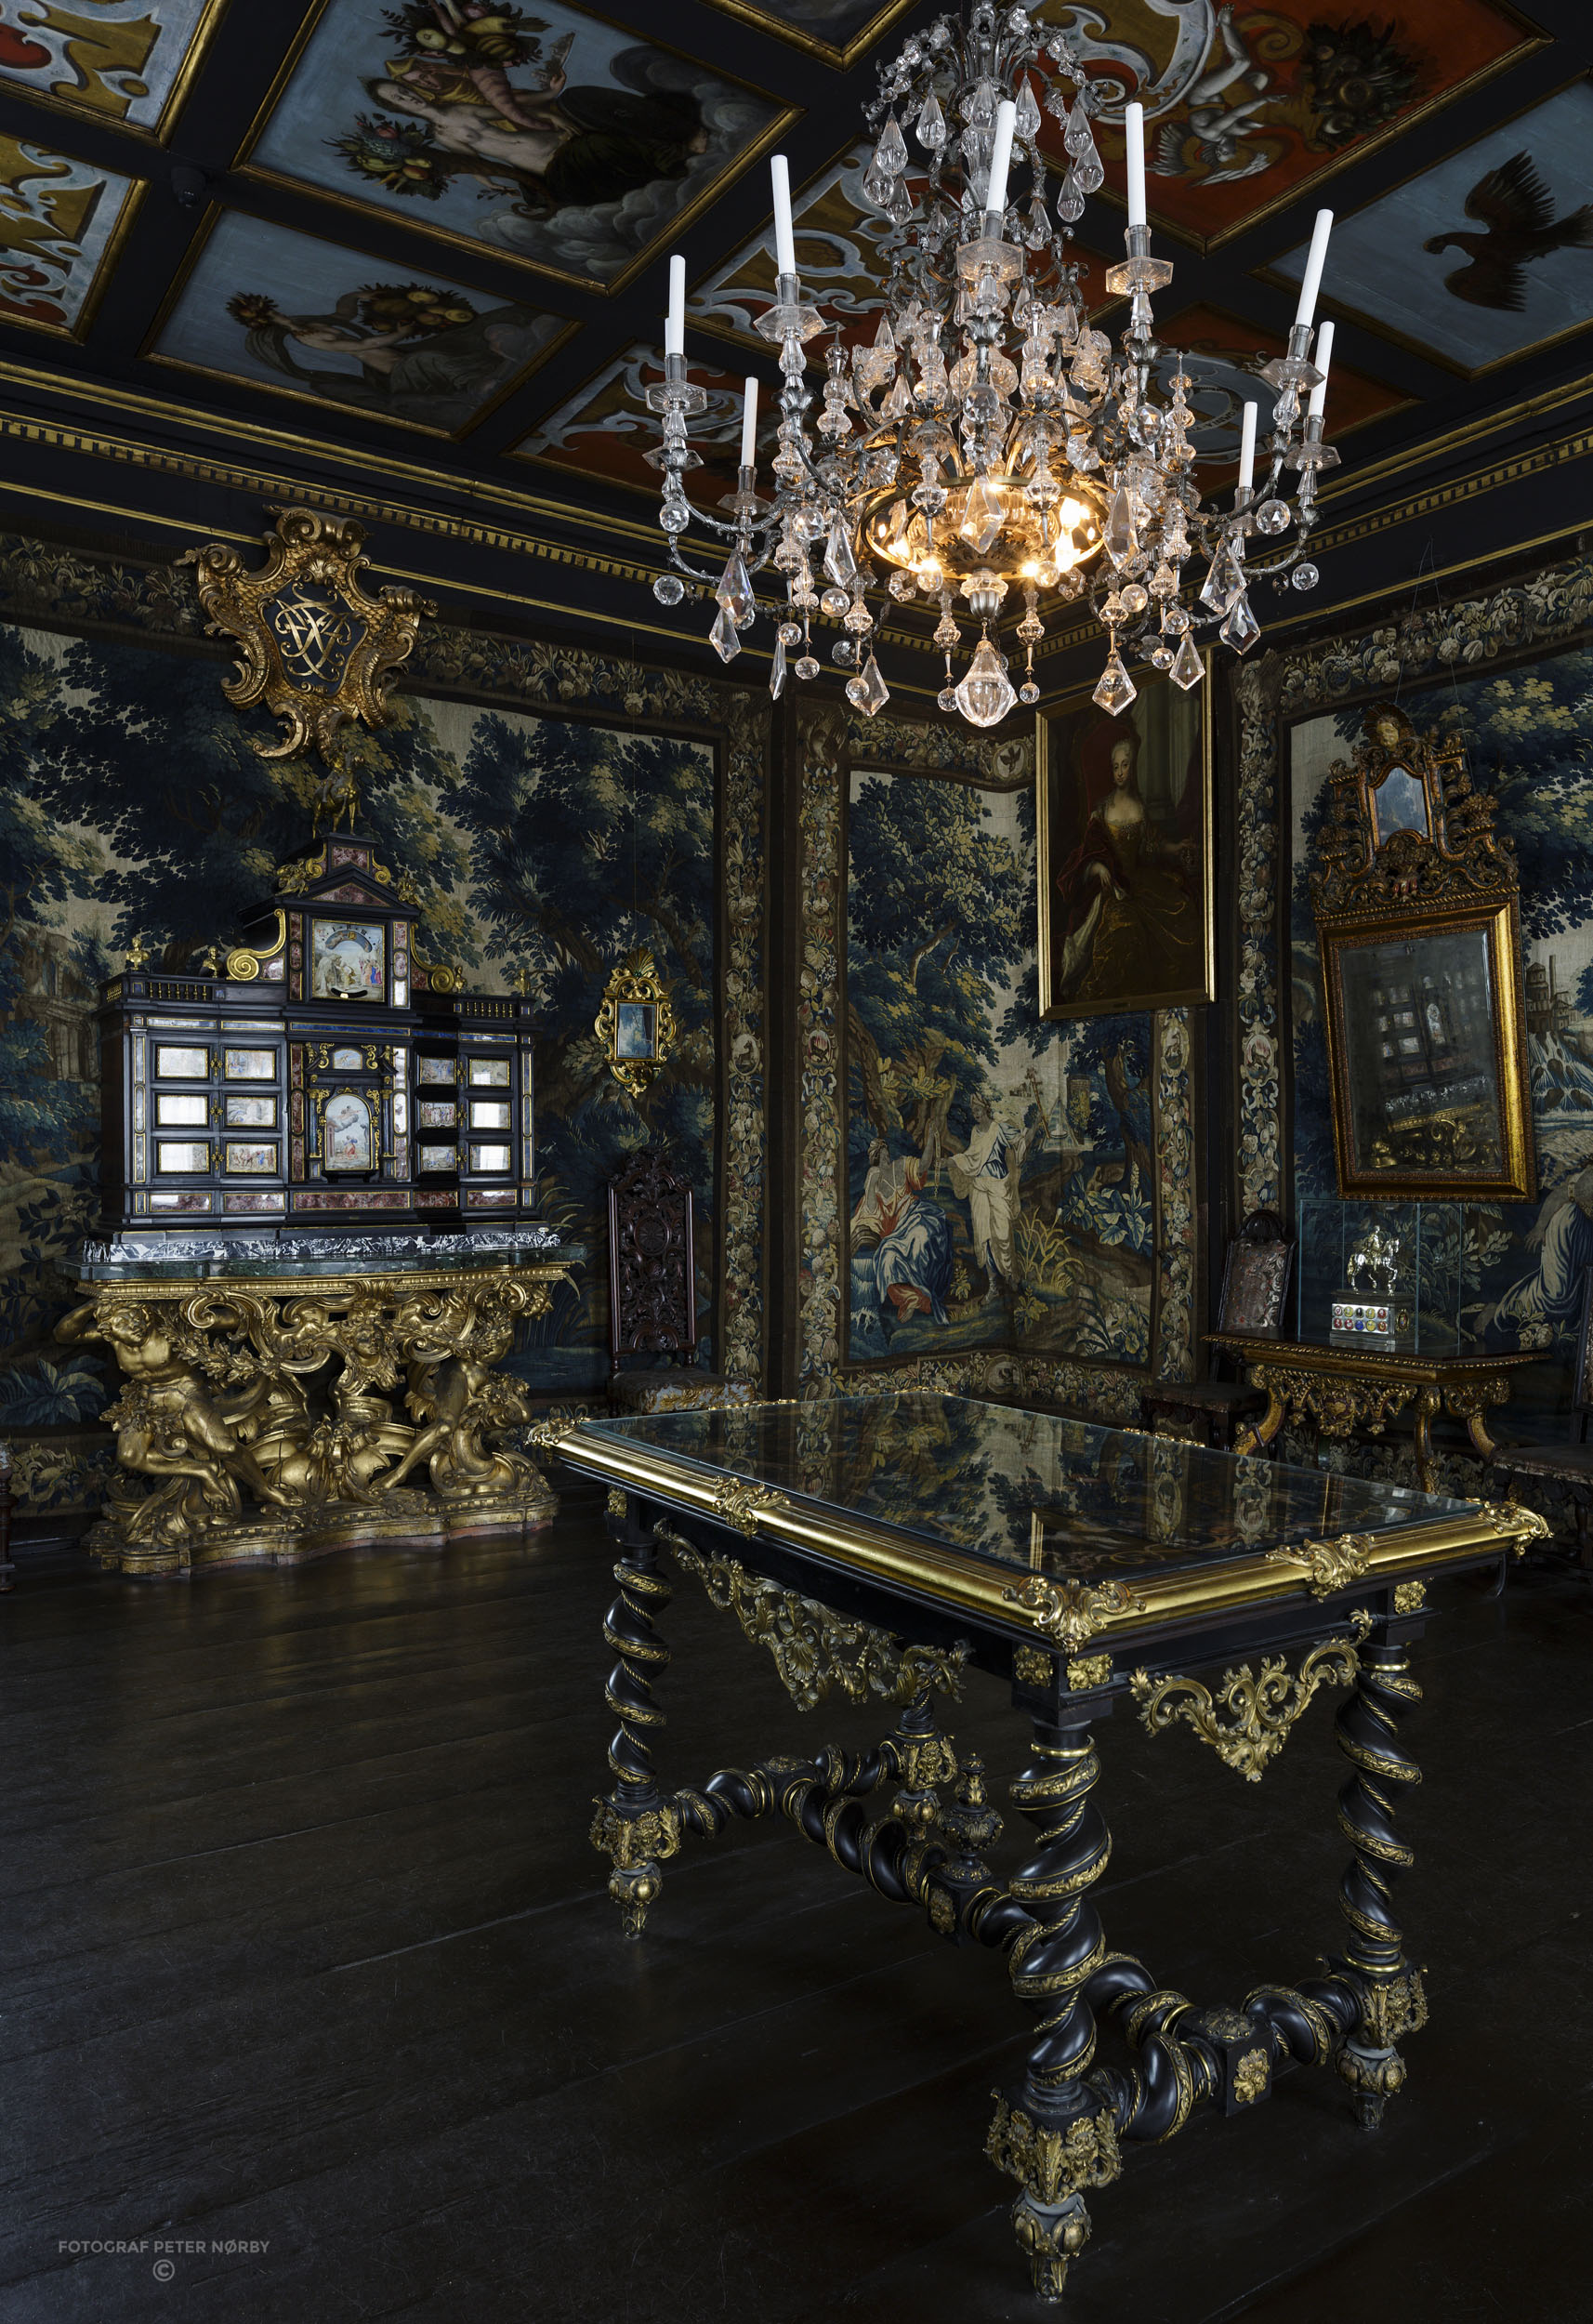 Rosenborg_Room10_01.jpg